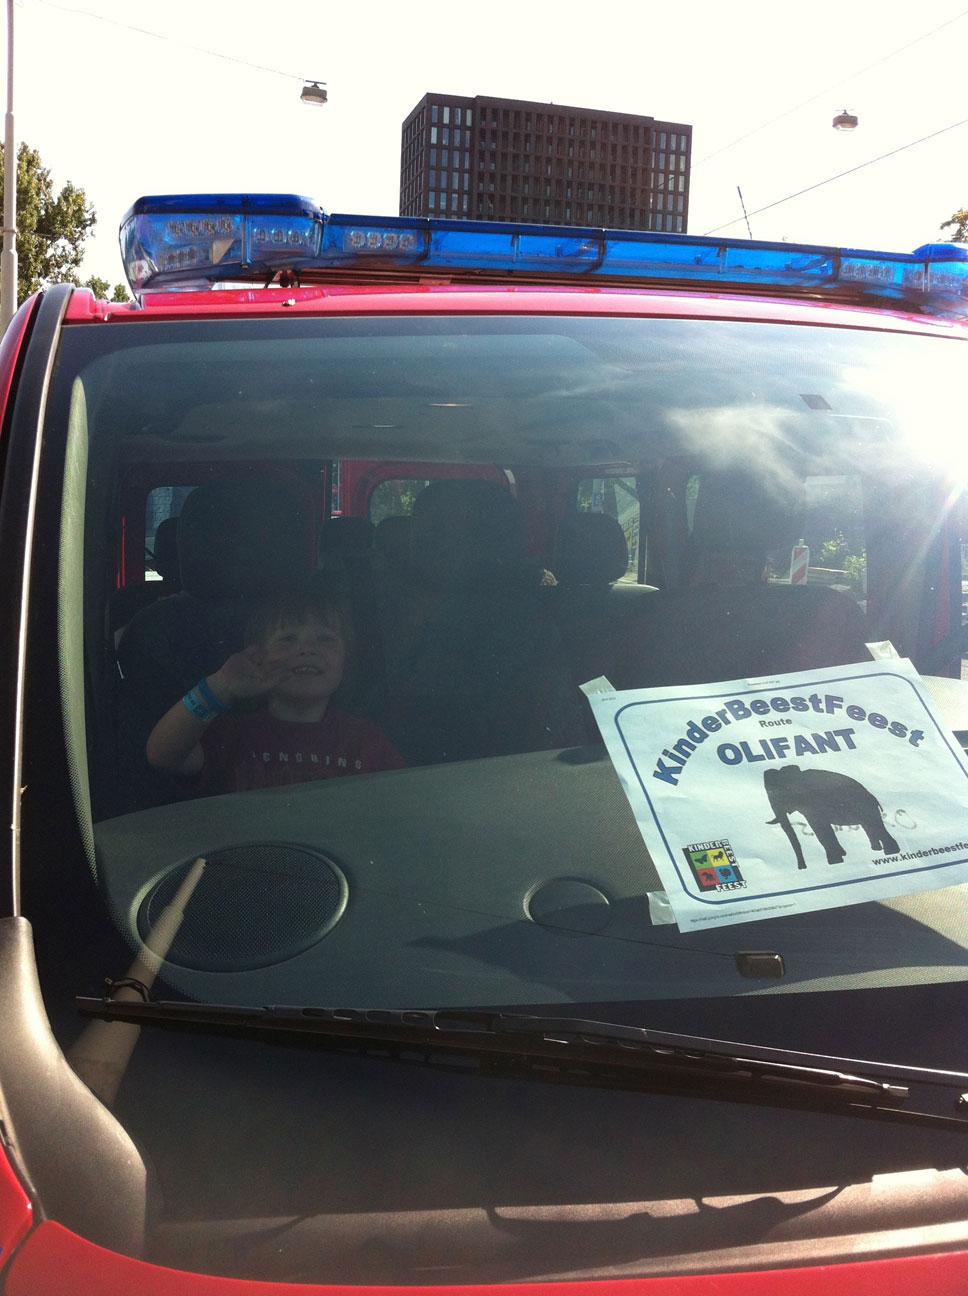 Voorin in de brandweerbus, op weg naar Artis